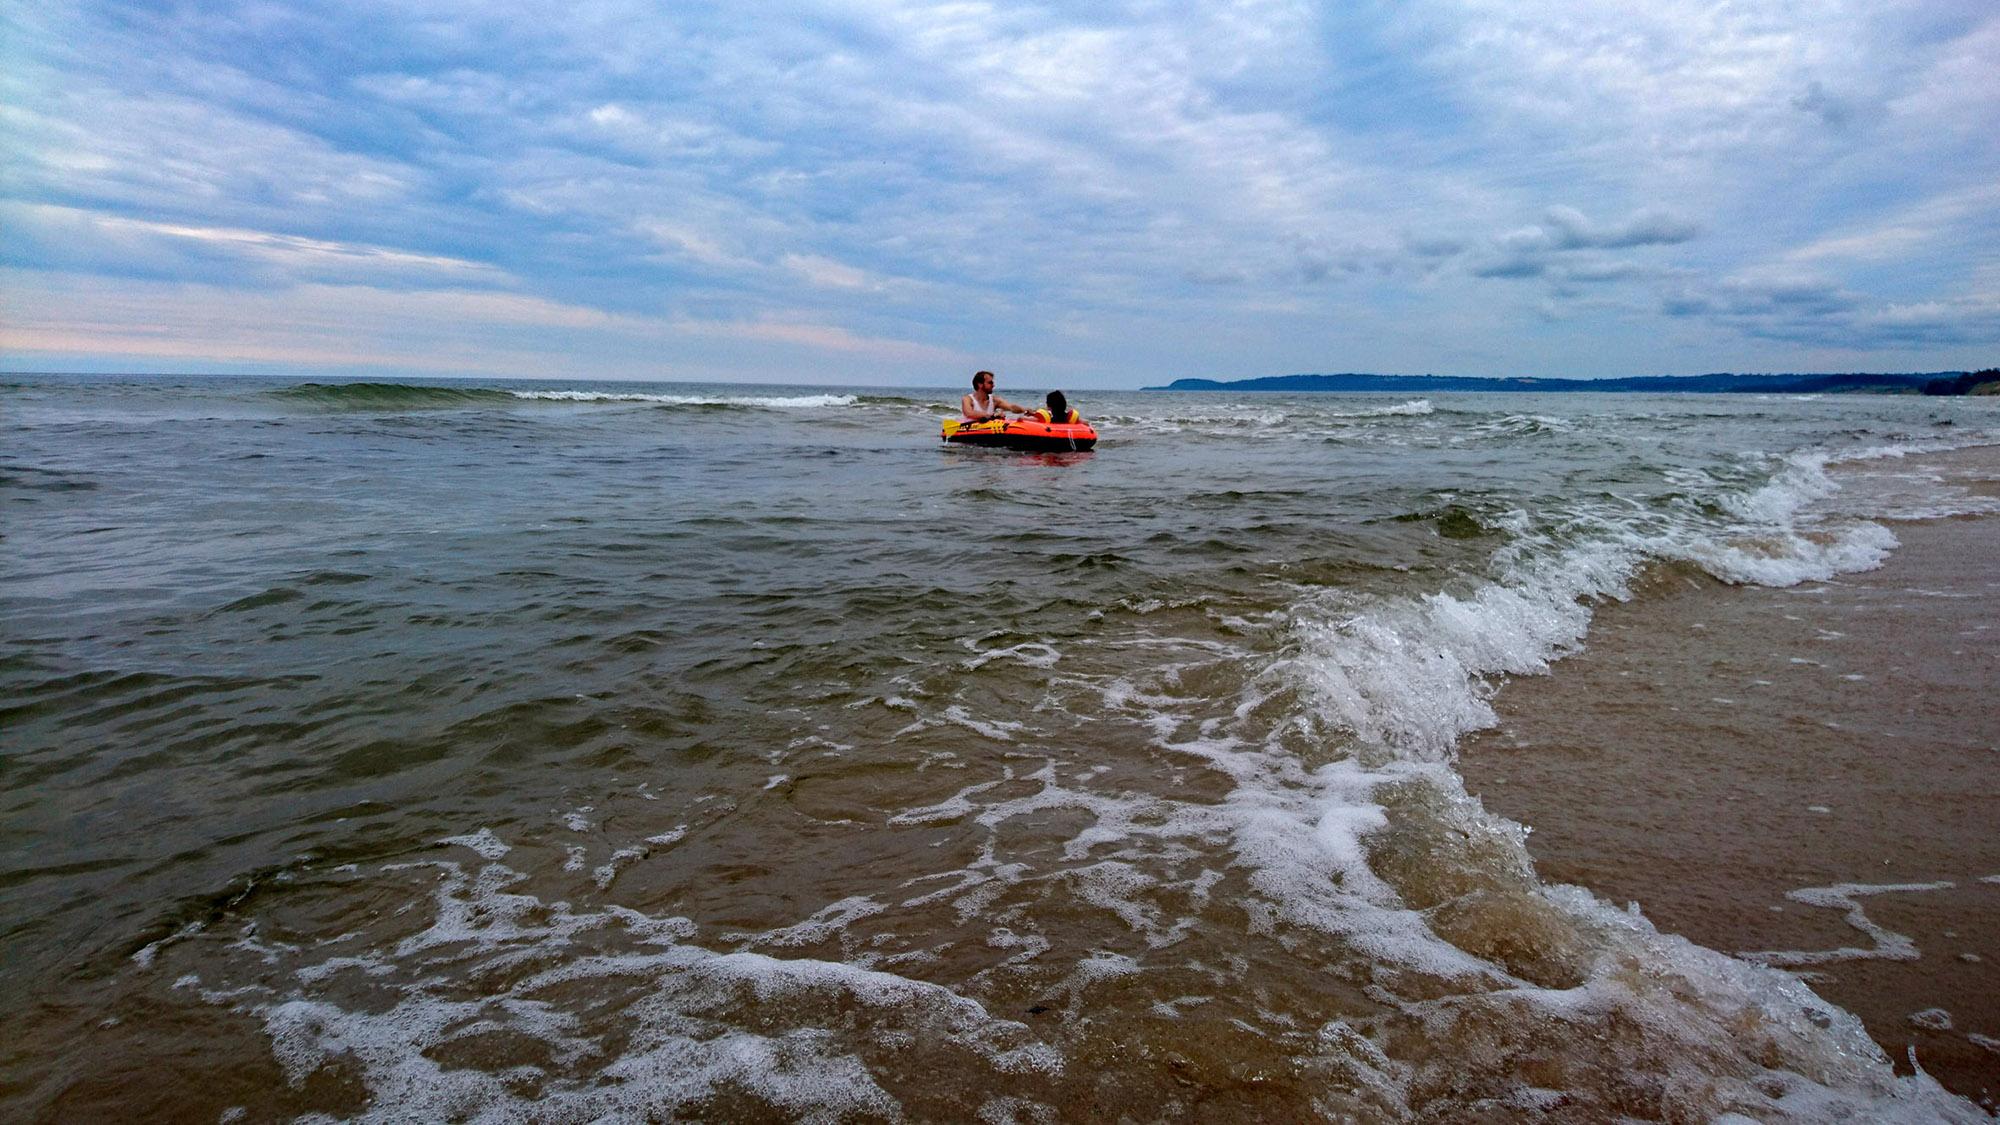 En gummibåt förvandlas lätt till ett sjörövarskepp.